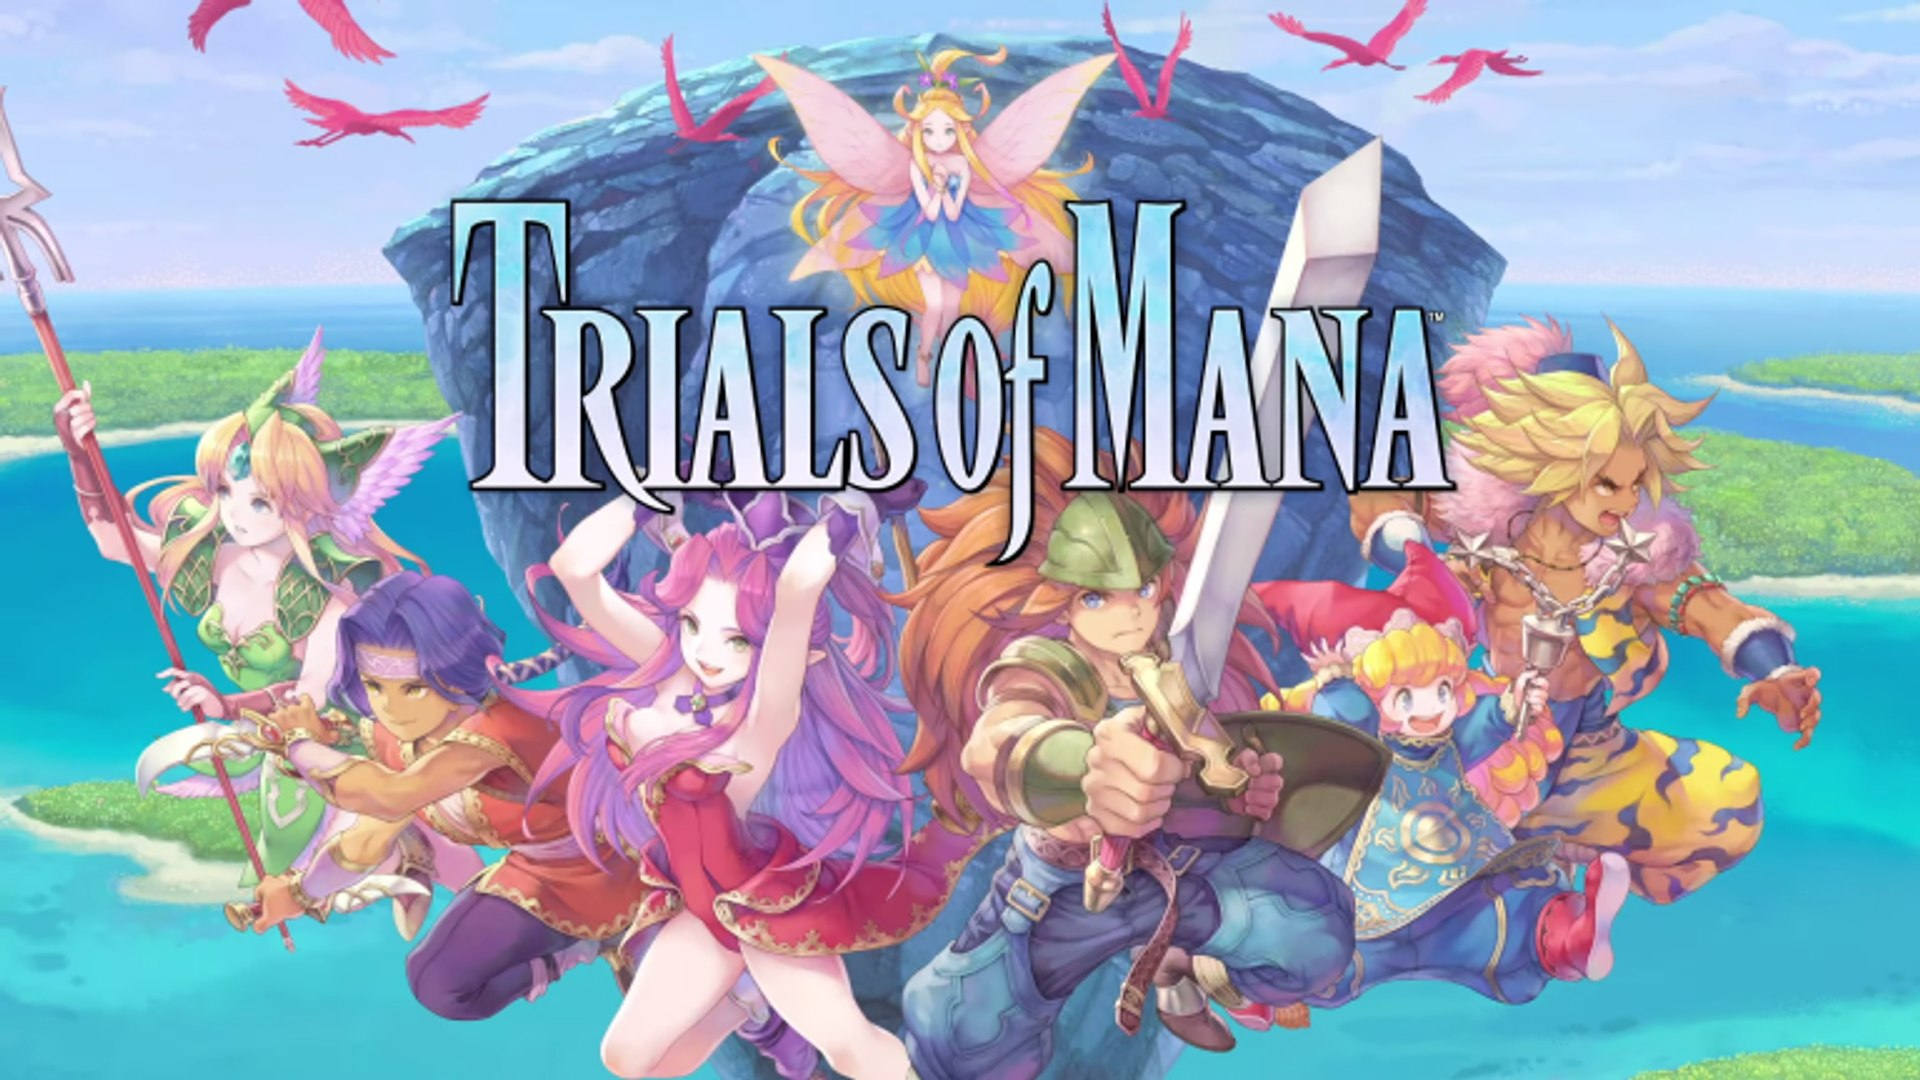 Trials of Mana - Nintendo Switch Trailer - Nintendo E3 2019